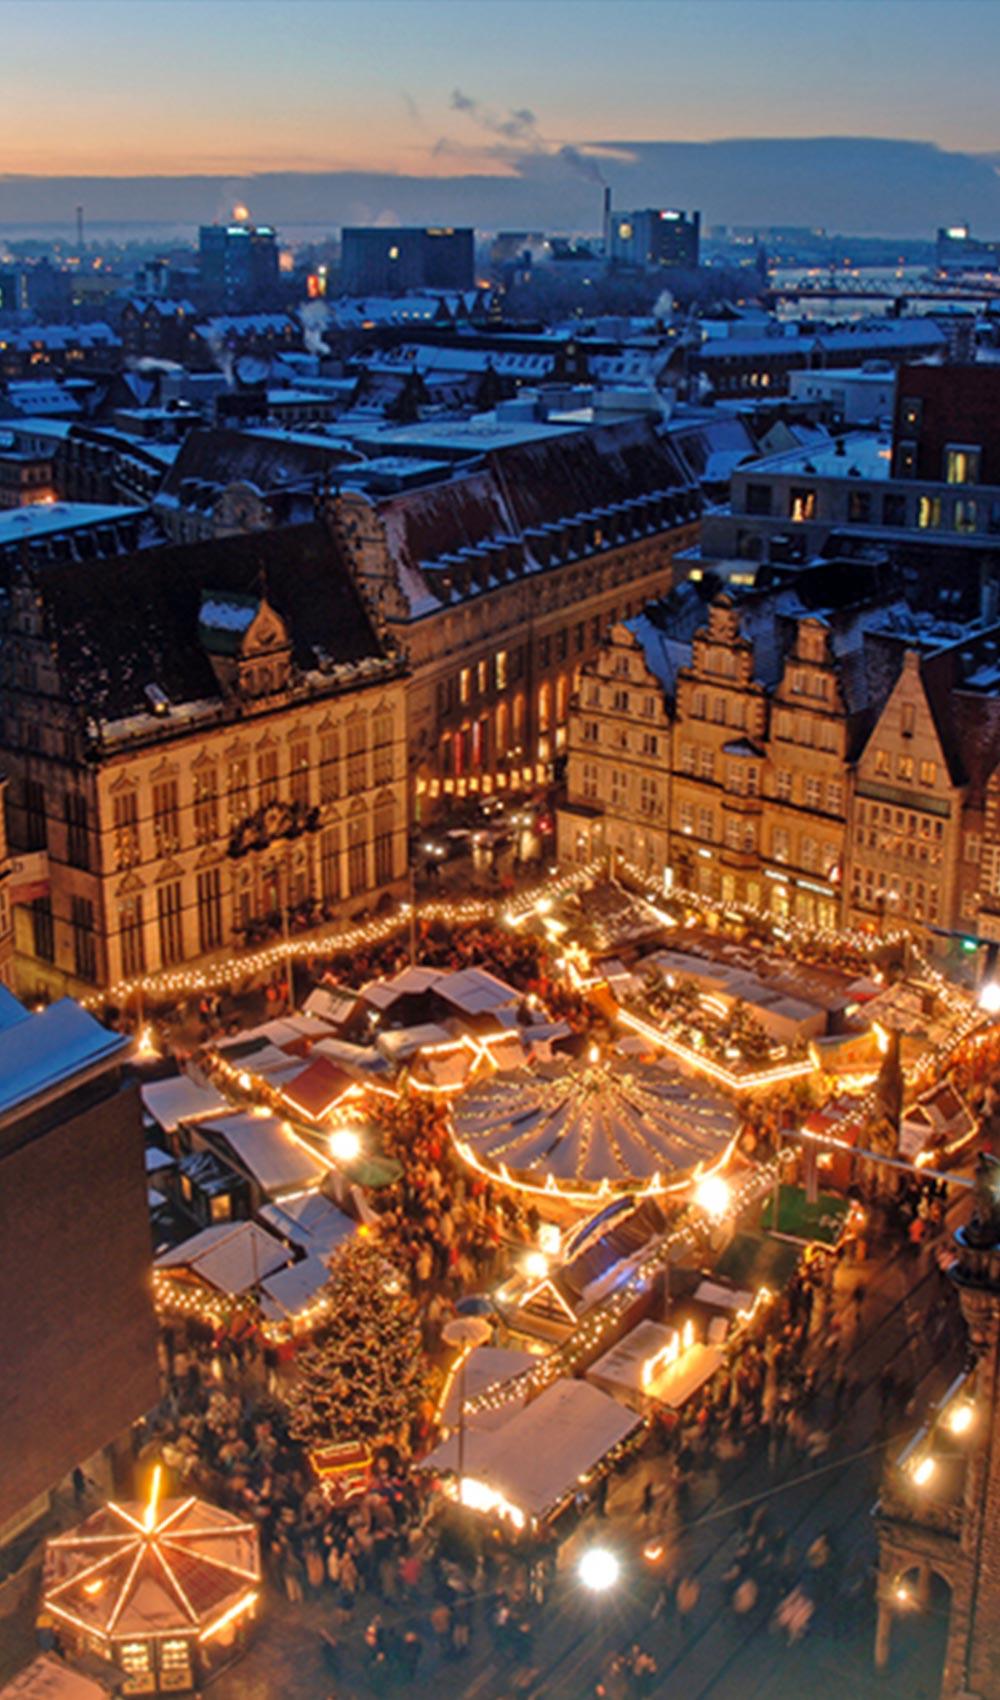 Beginn Weihnachtsmarkt Berlin 2019.Weihnachtsmarkt Bremen Der Schönste Weihnachtsmarkt Im Norden